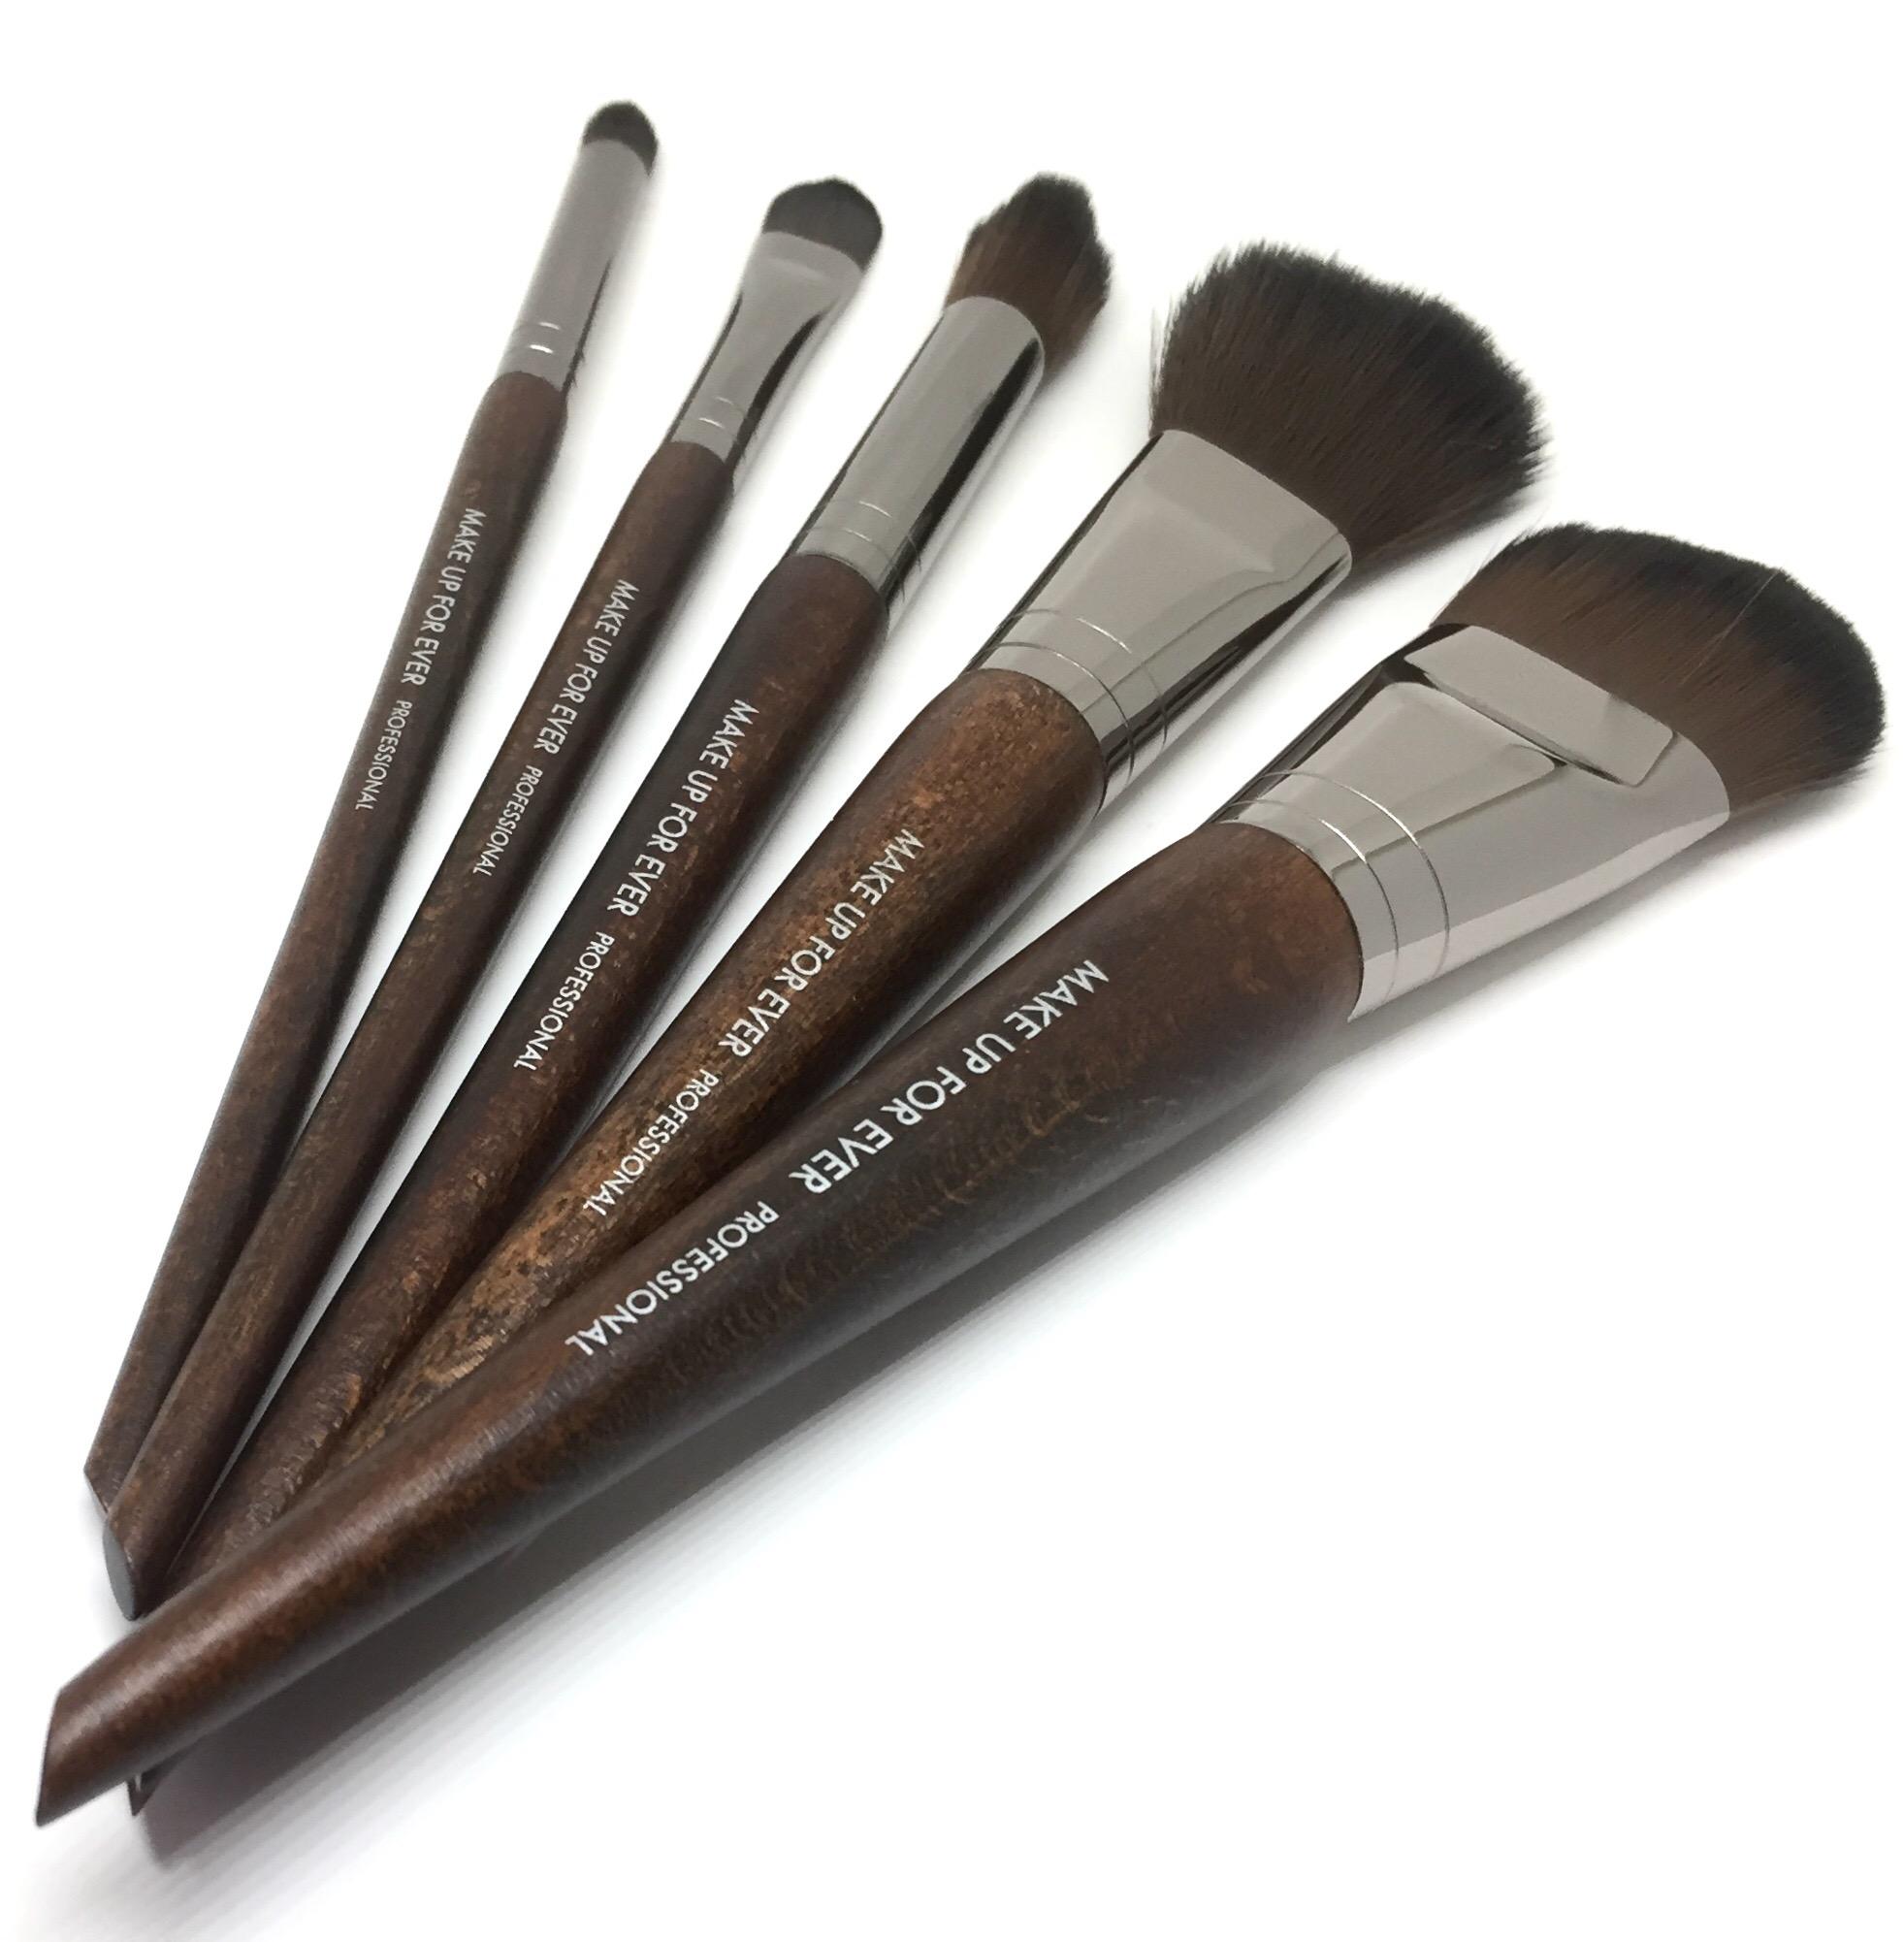 Rous Brush Set